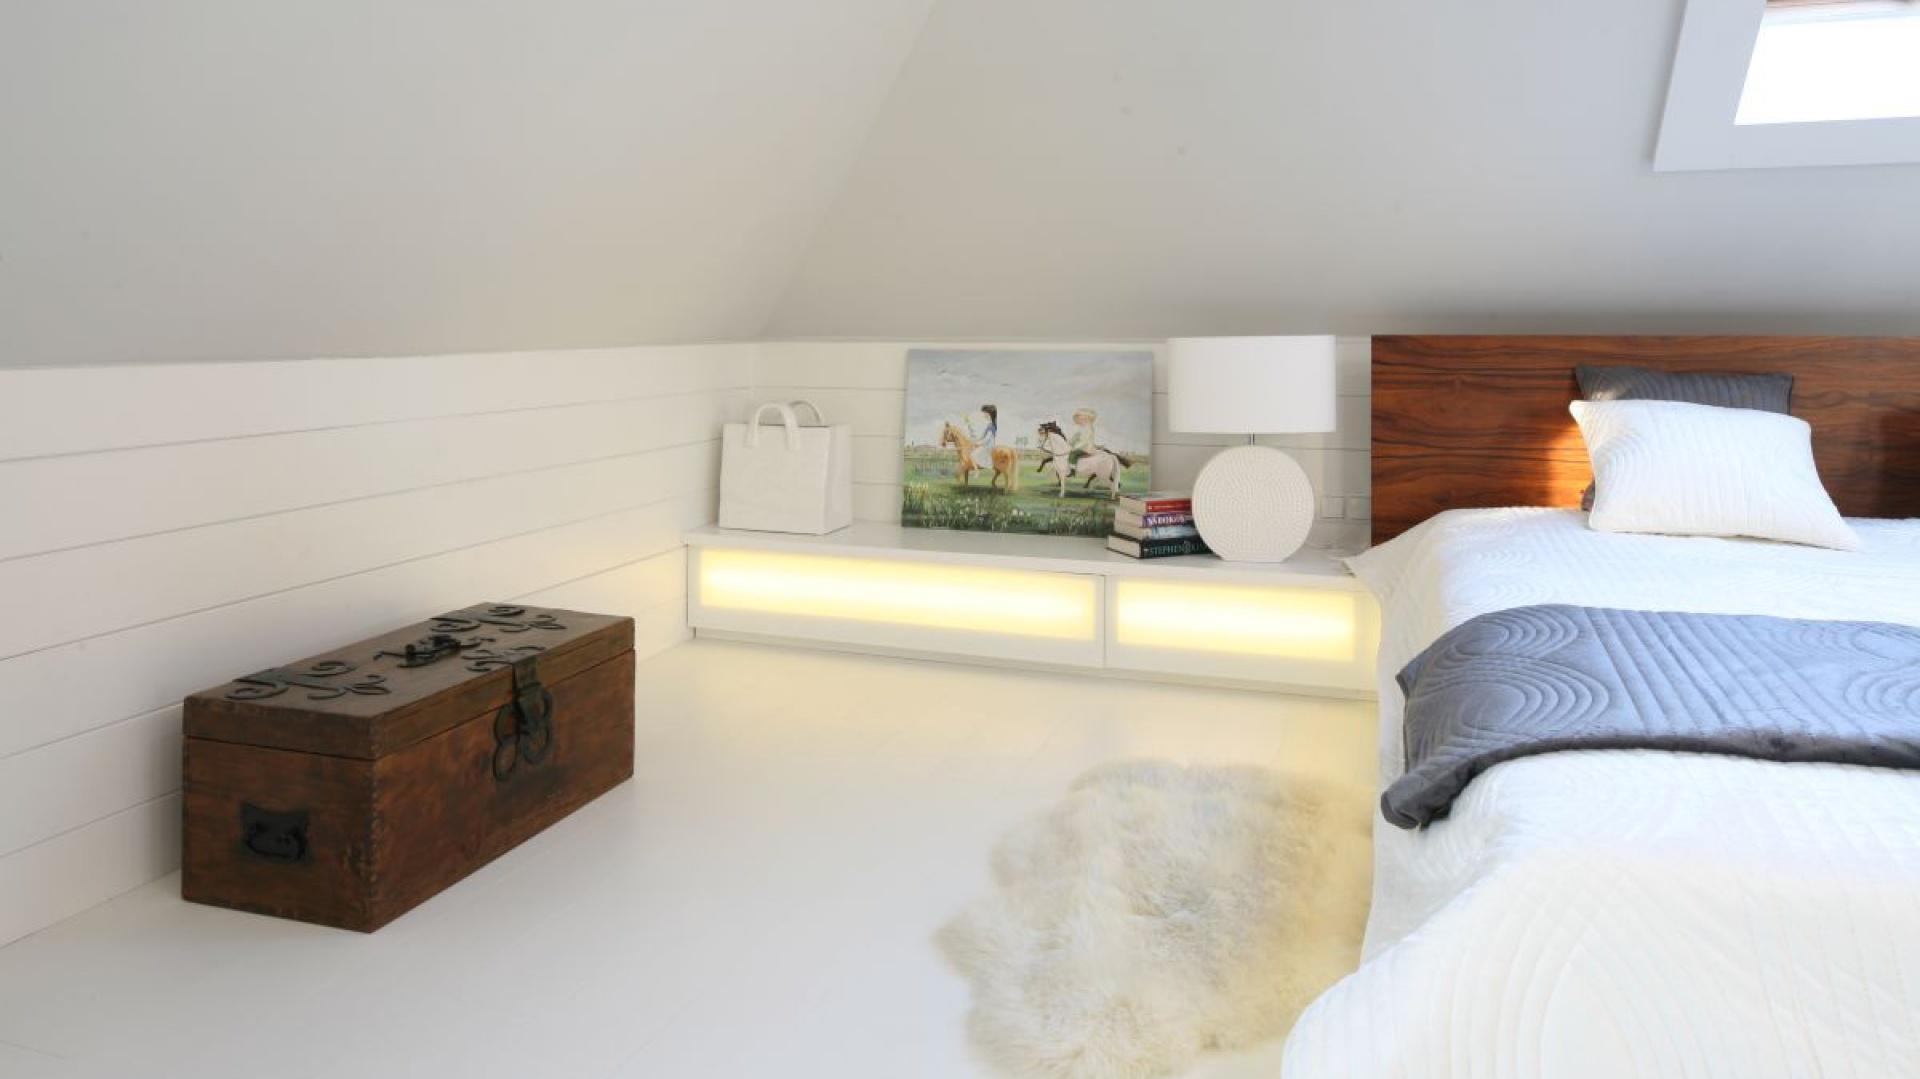 Aranżacja na poddaszu: biała sypialnia